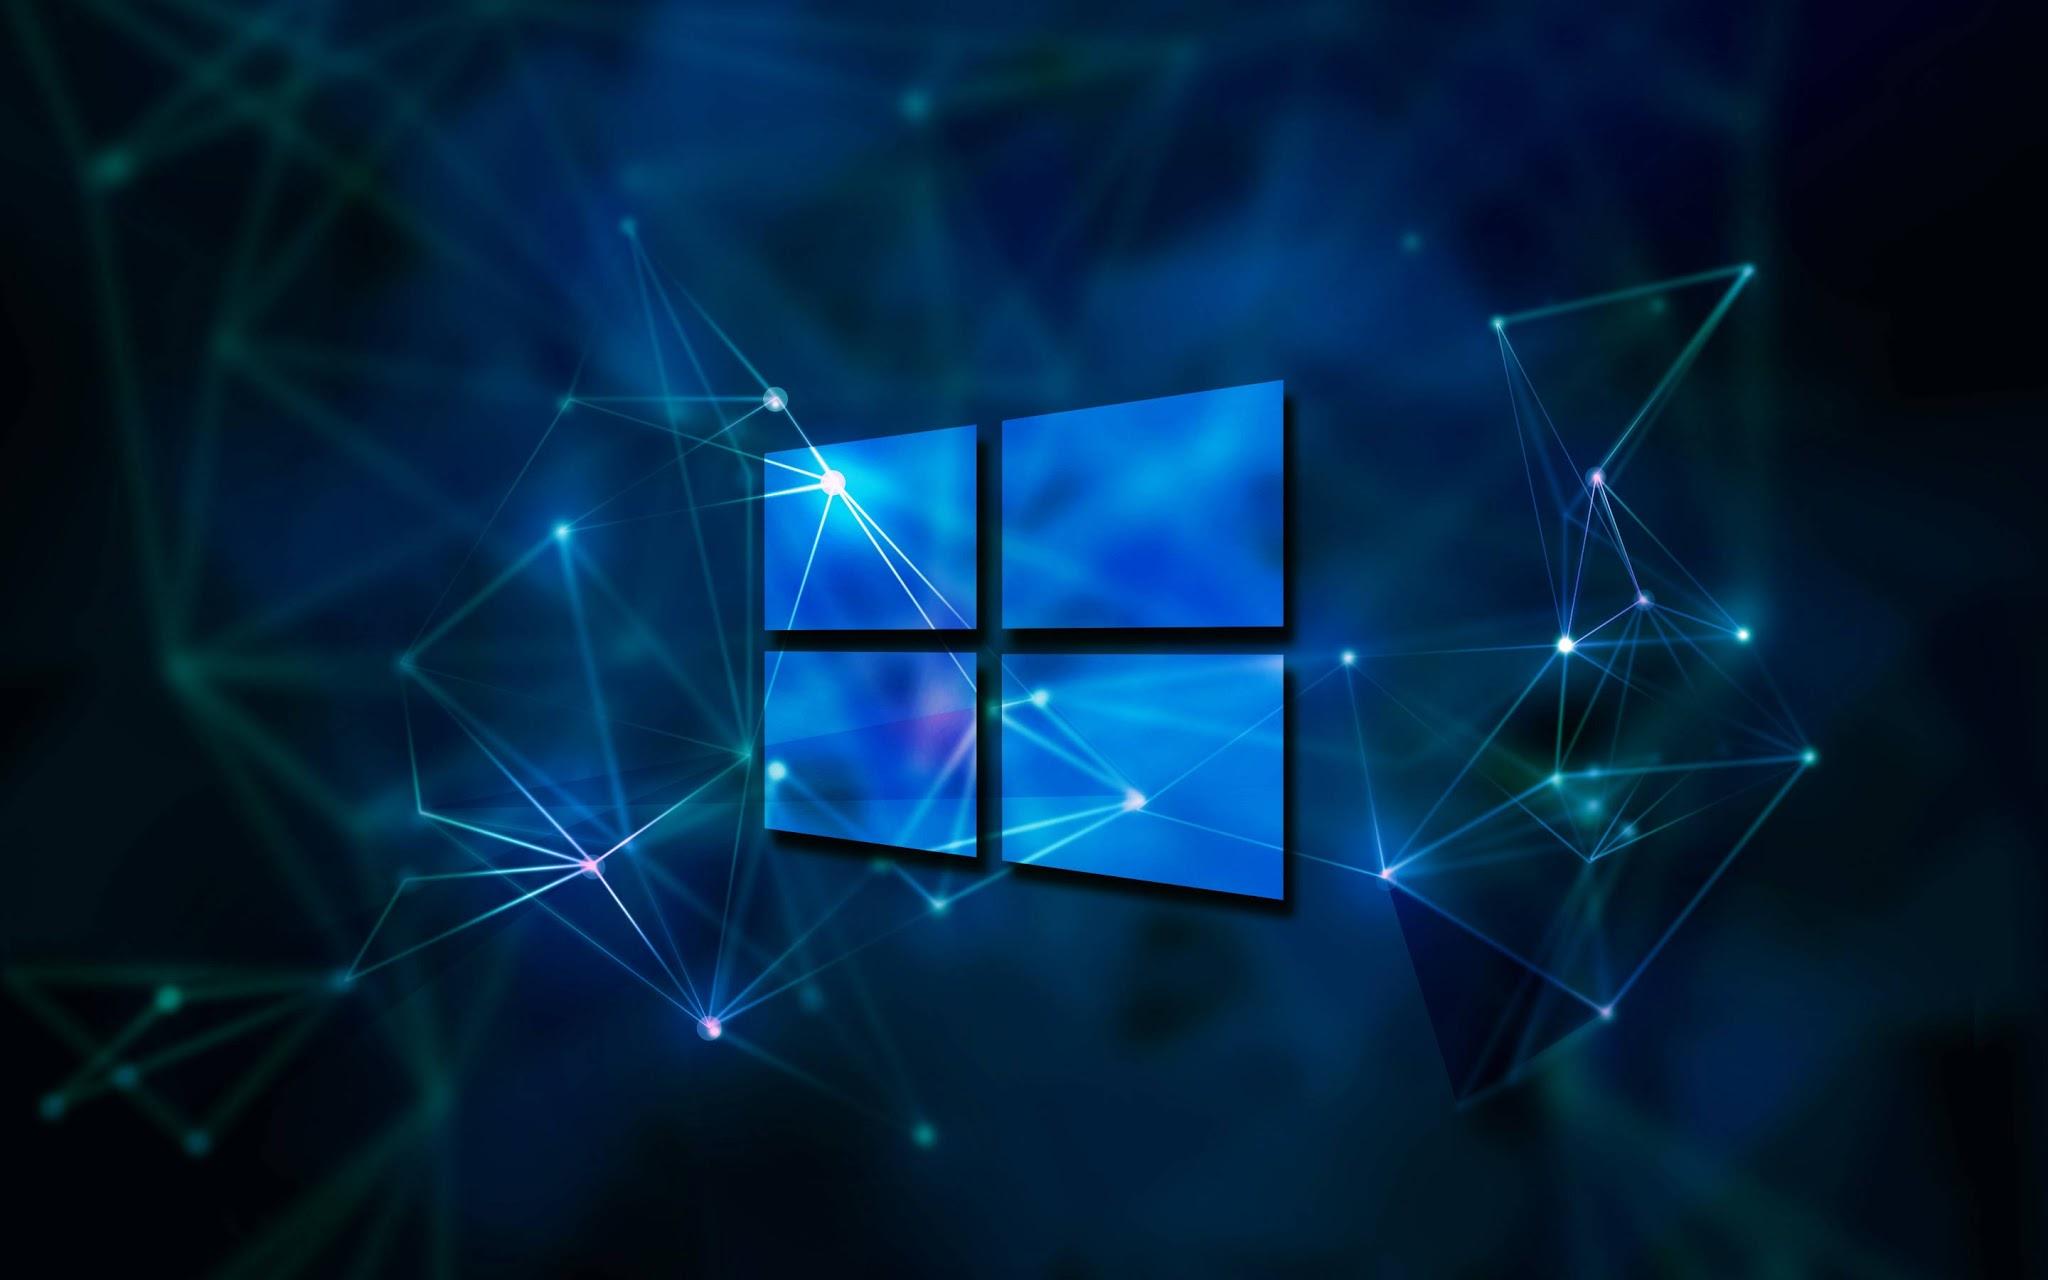 Windows Plano De Fundo Geometria